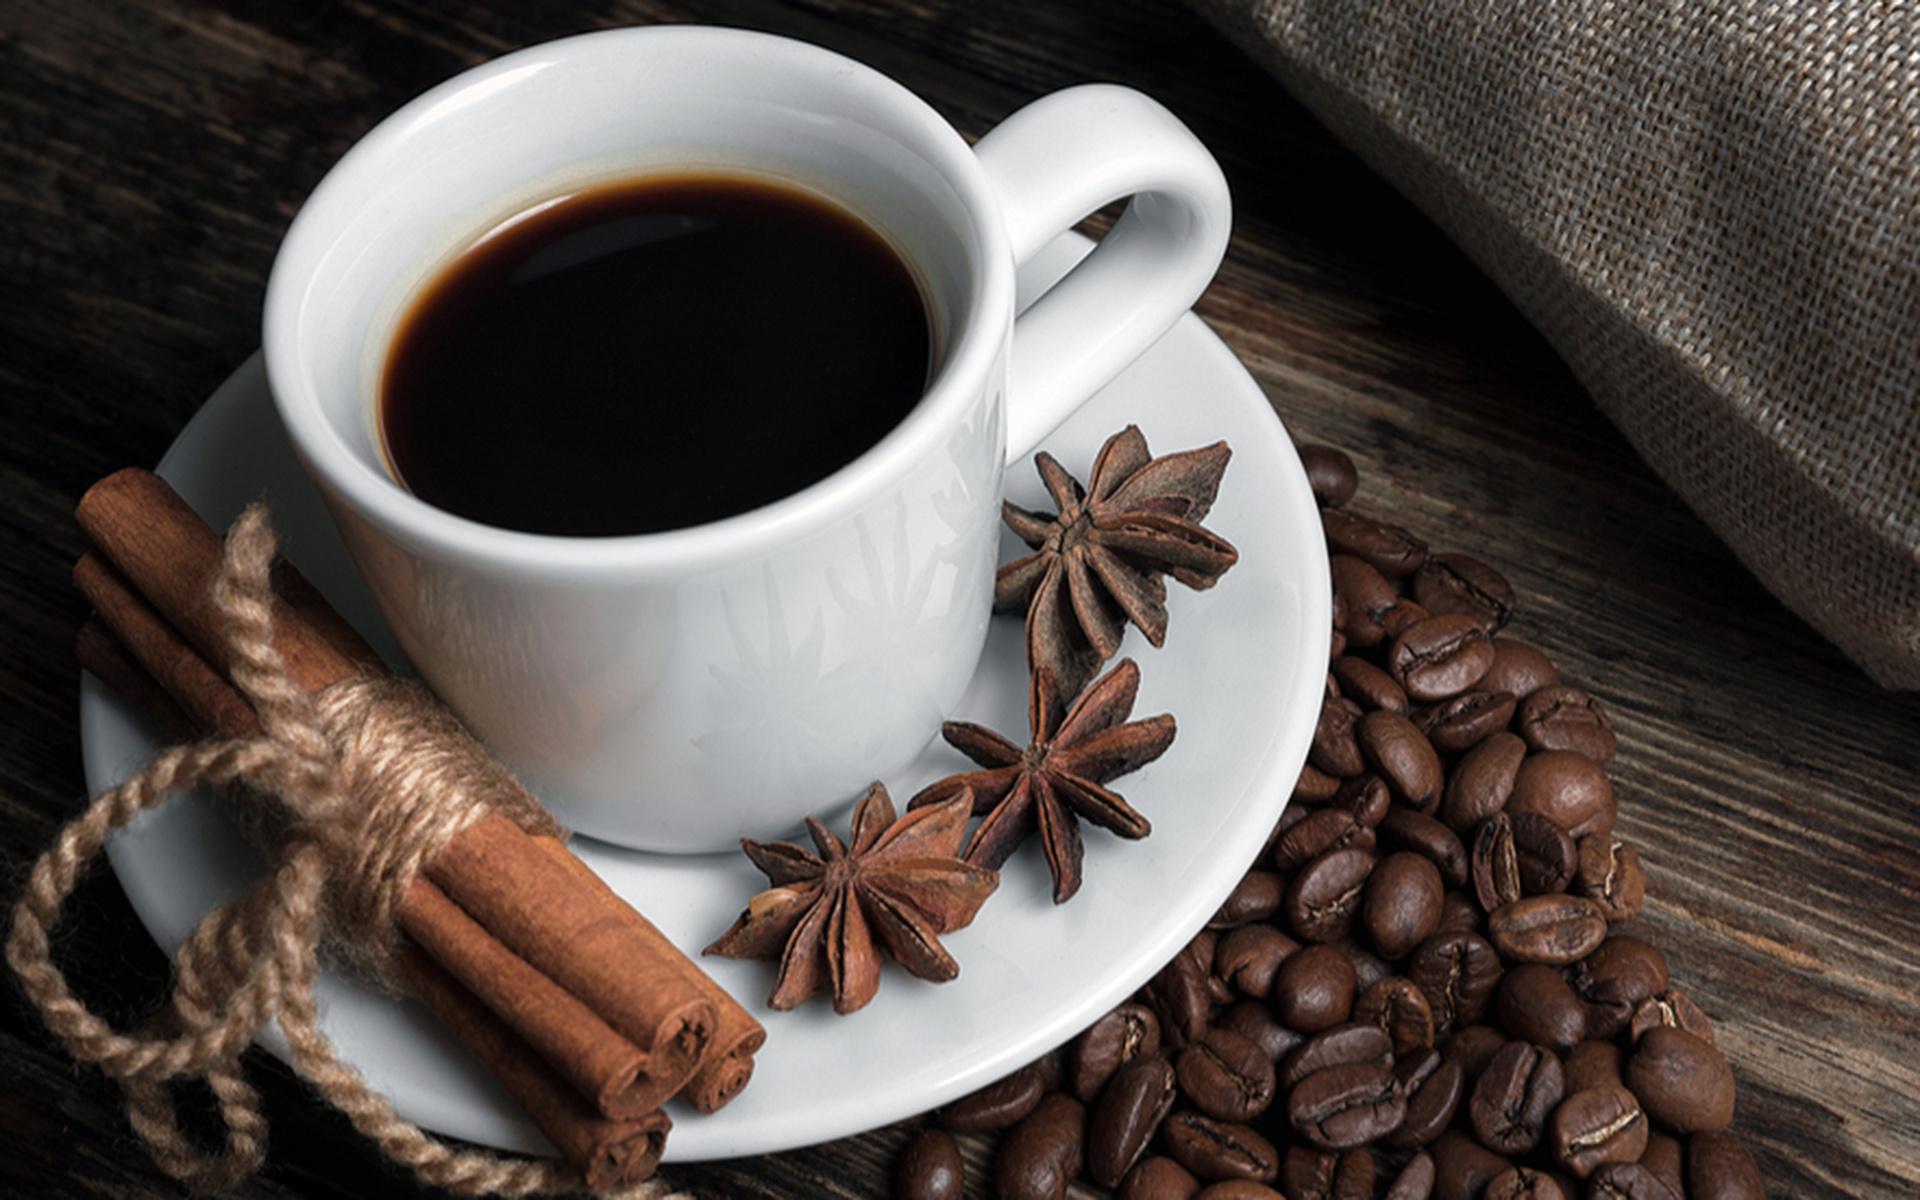 poti sa slabesti renuntand la cafea pierderea de grăsime 4 luni